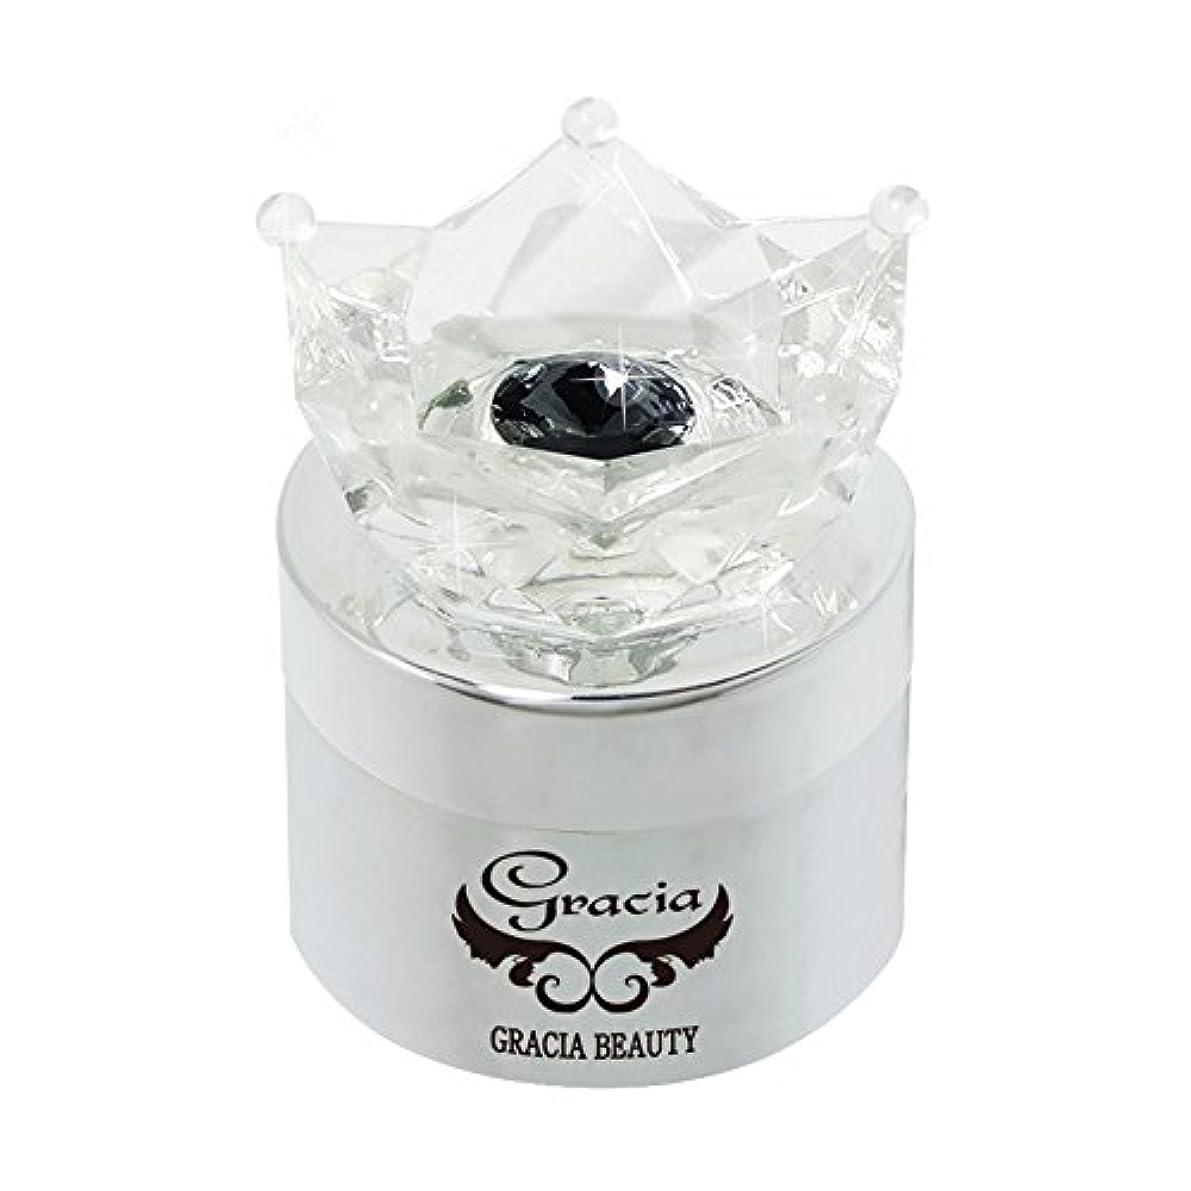 グラシア ジェルネイル コフレットジェル GJ-146G 5g シルバー グリッター UV/LED対応 カラージェル ソークオフジェル